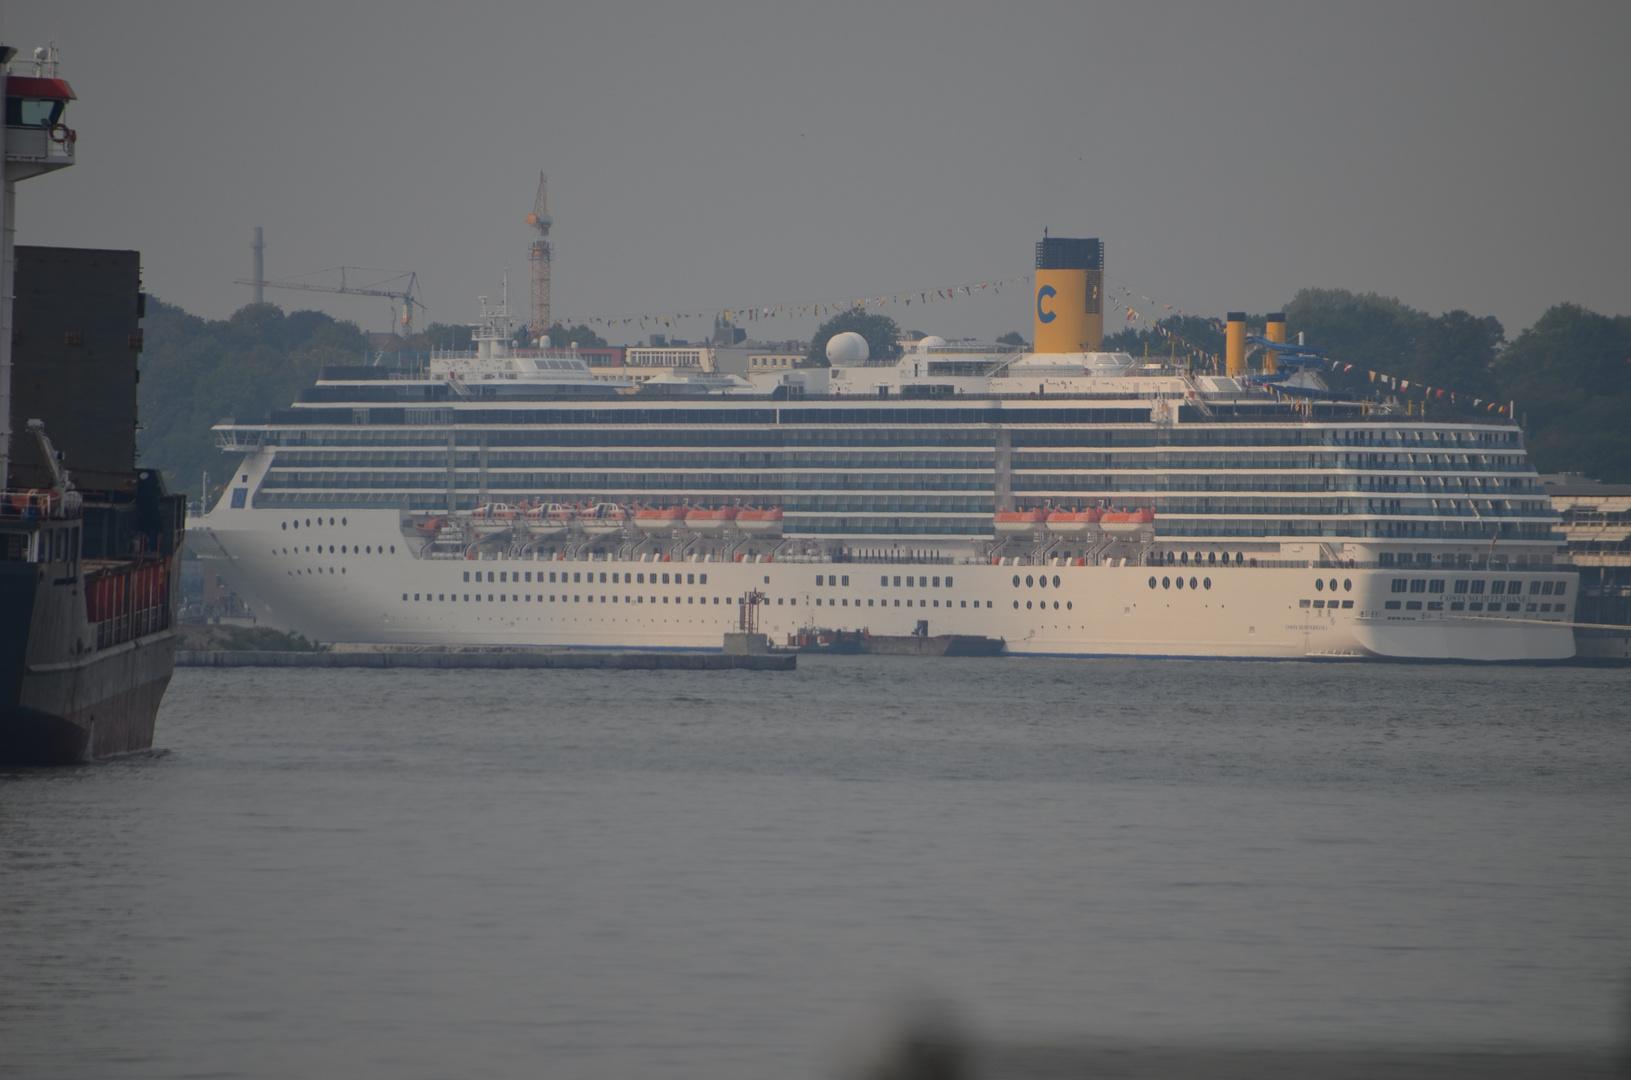 Die Costa Mediterranea zu Besuch in Hamburg